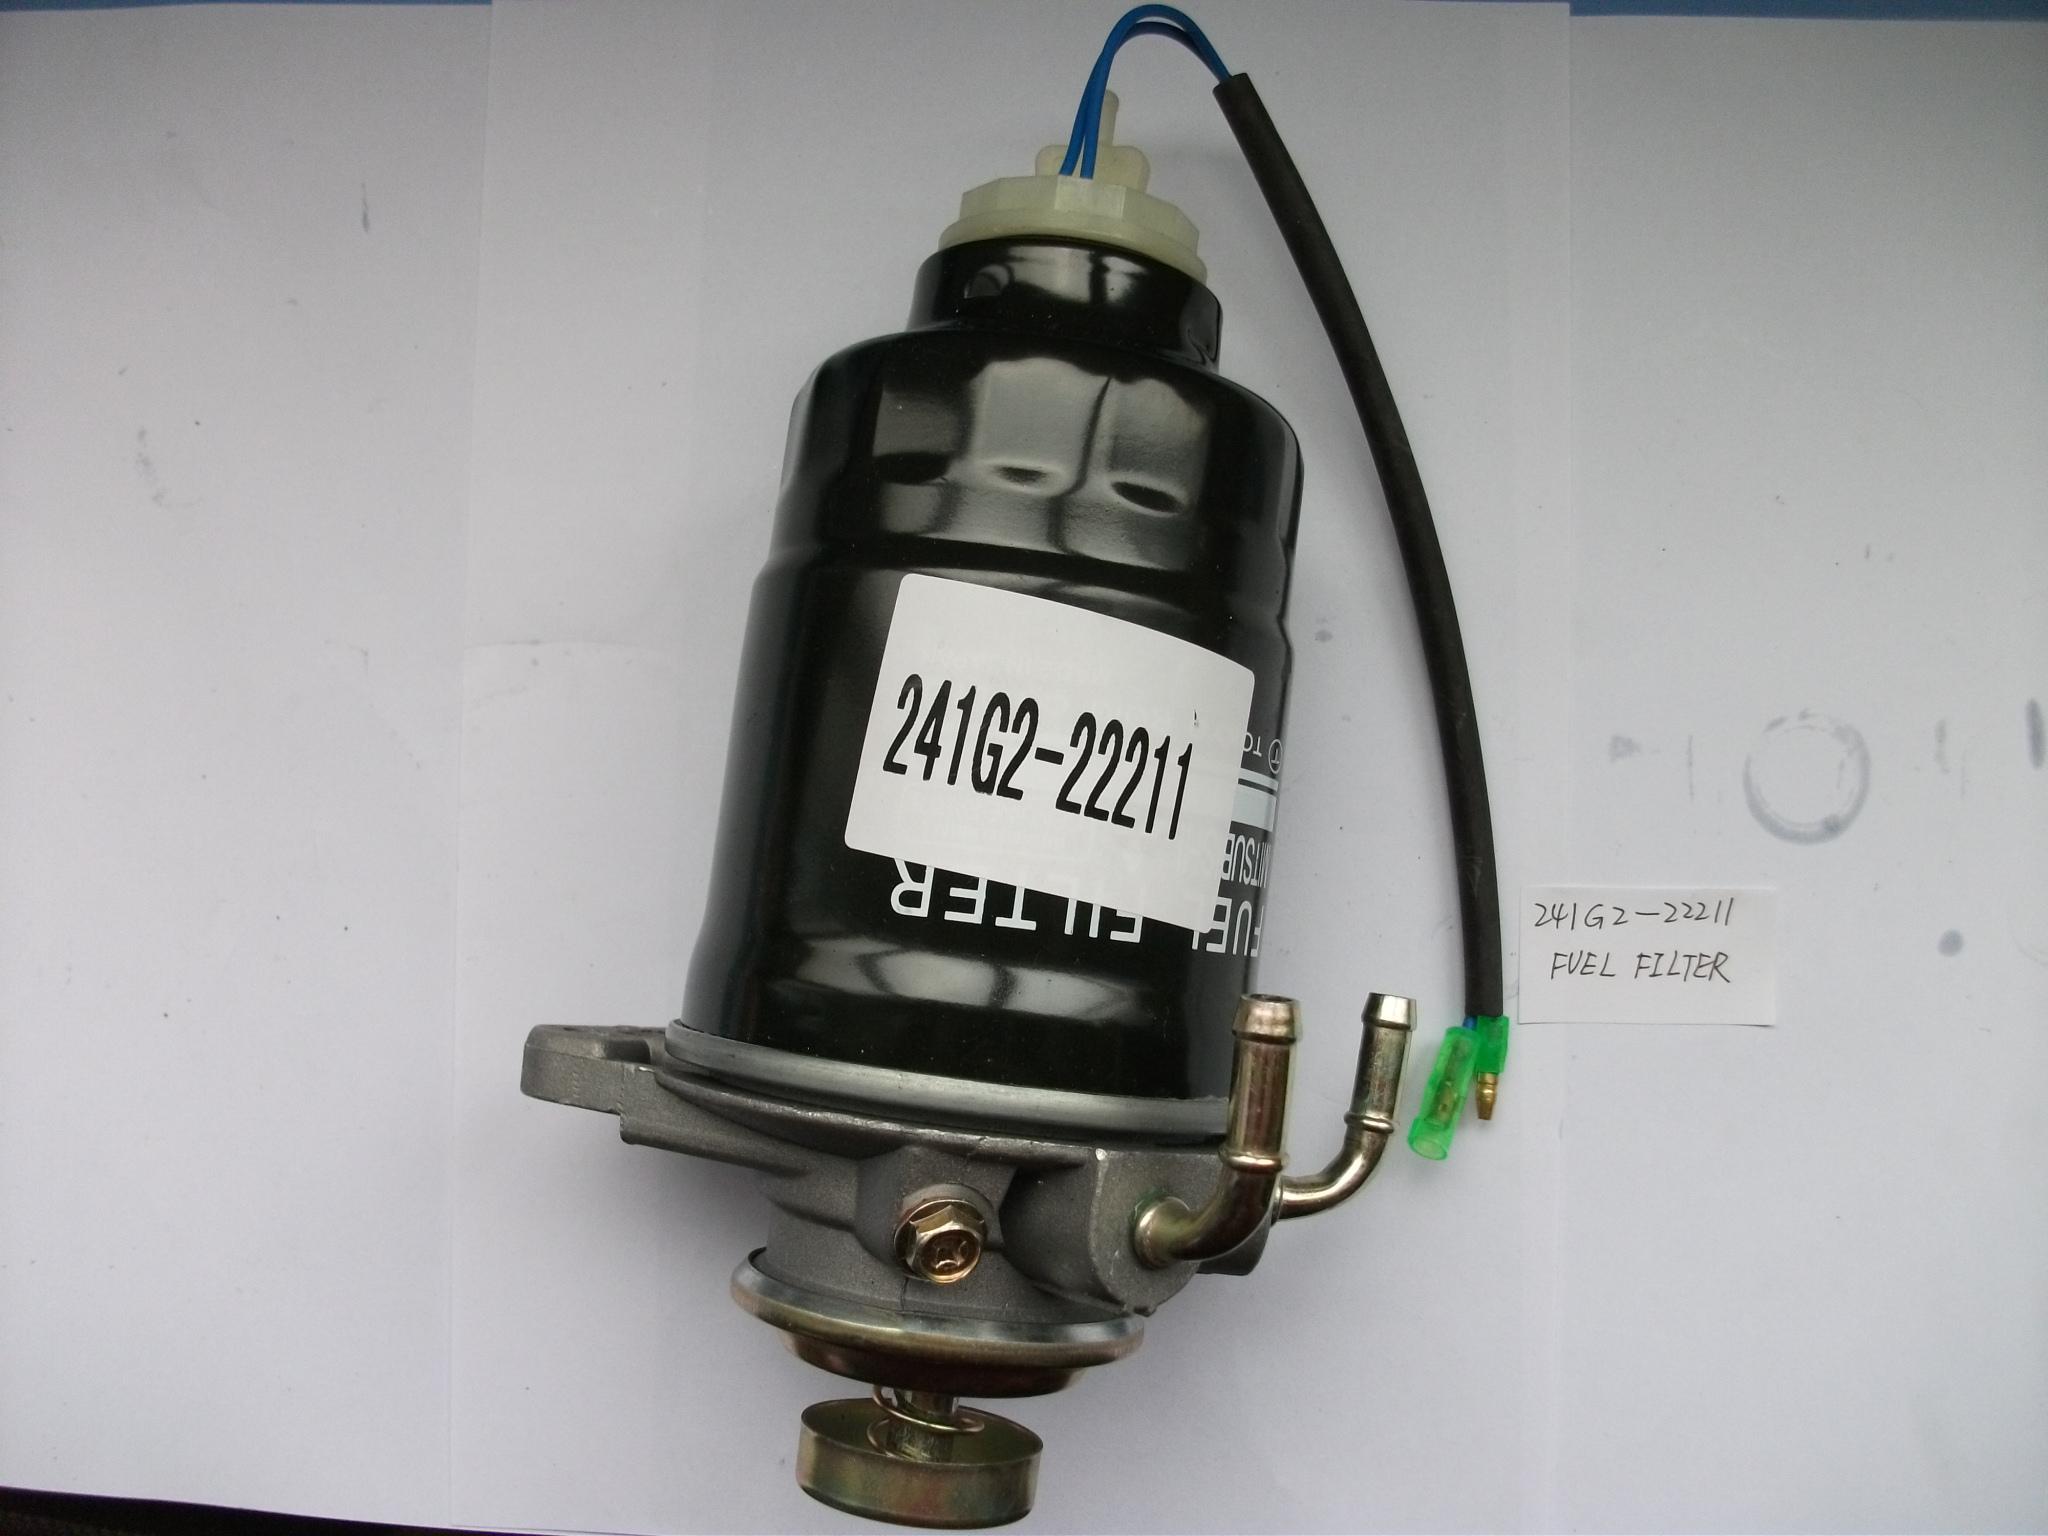 TCM forklift parts:241G2-22211 FUEL FILTER